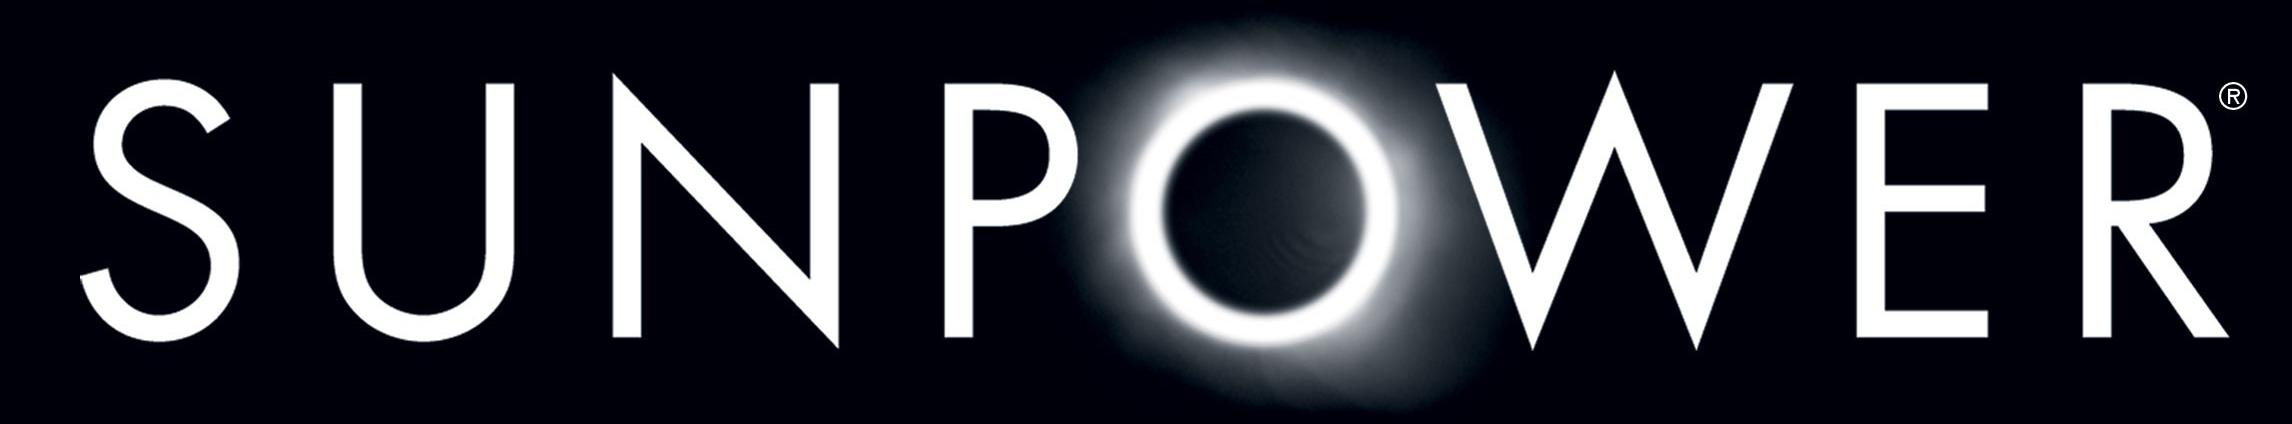 SUNPOWER - Moduły słoneczne, panele słoneczne, baterie słoneczne